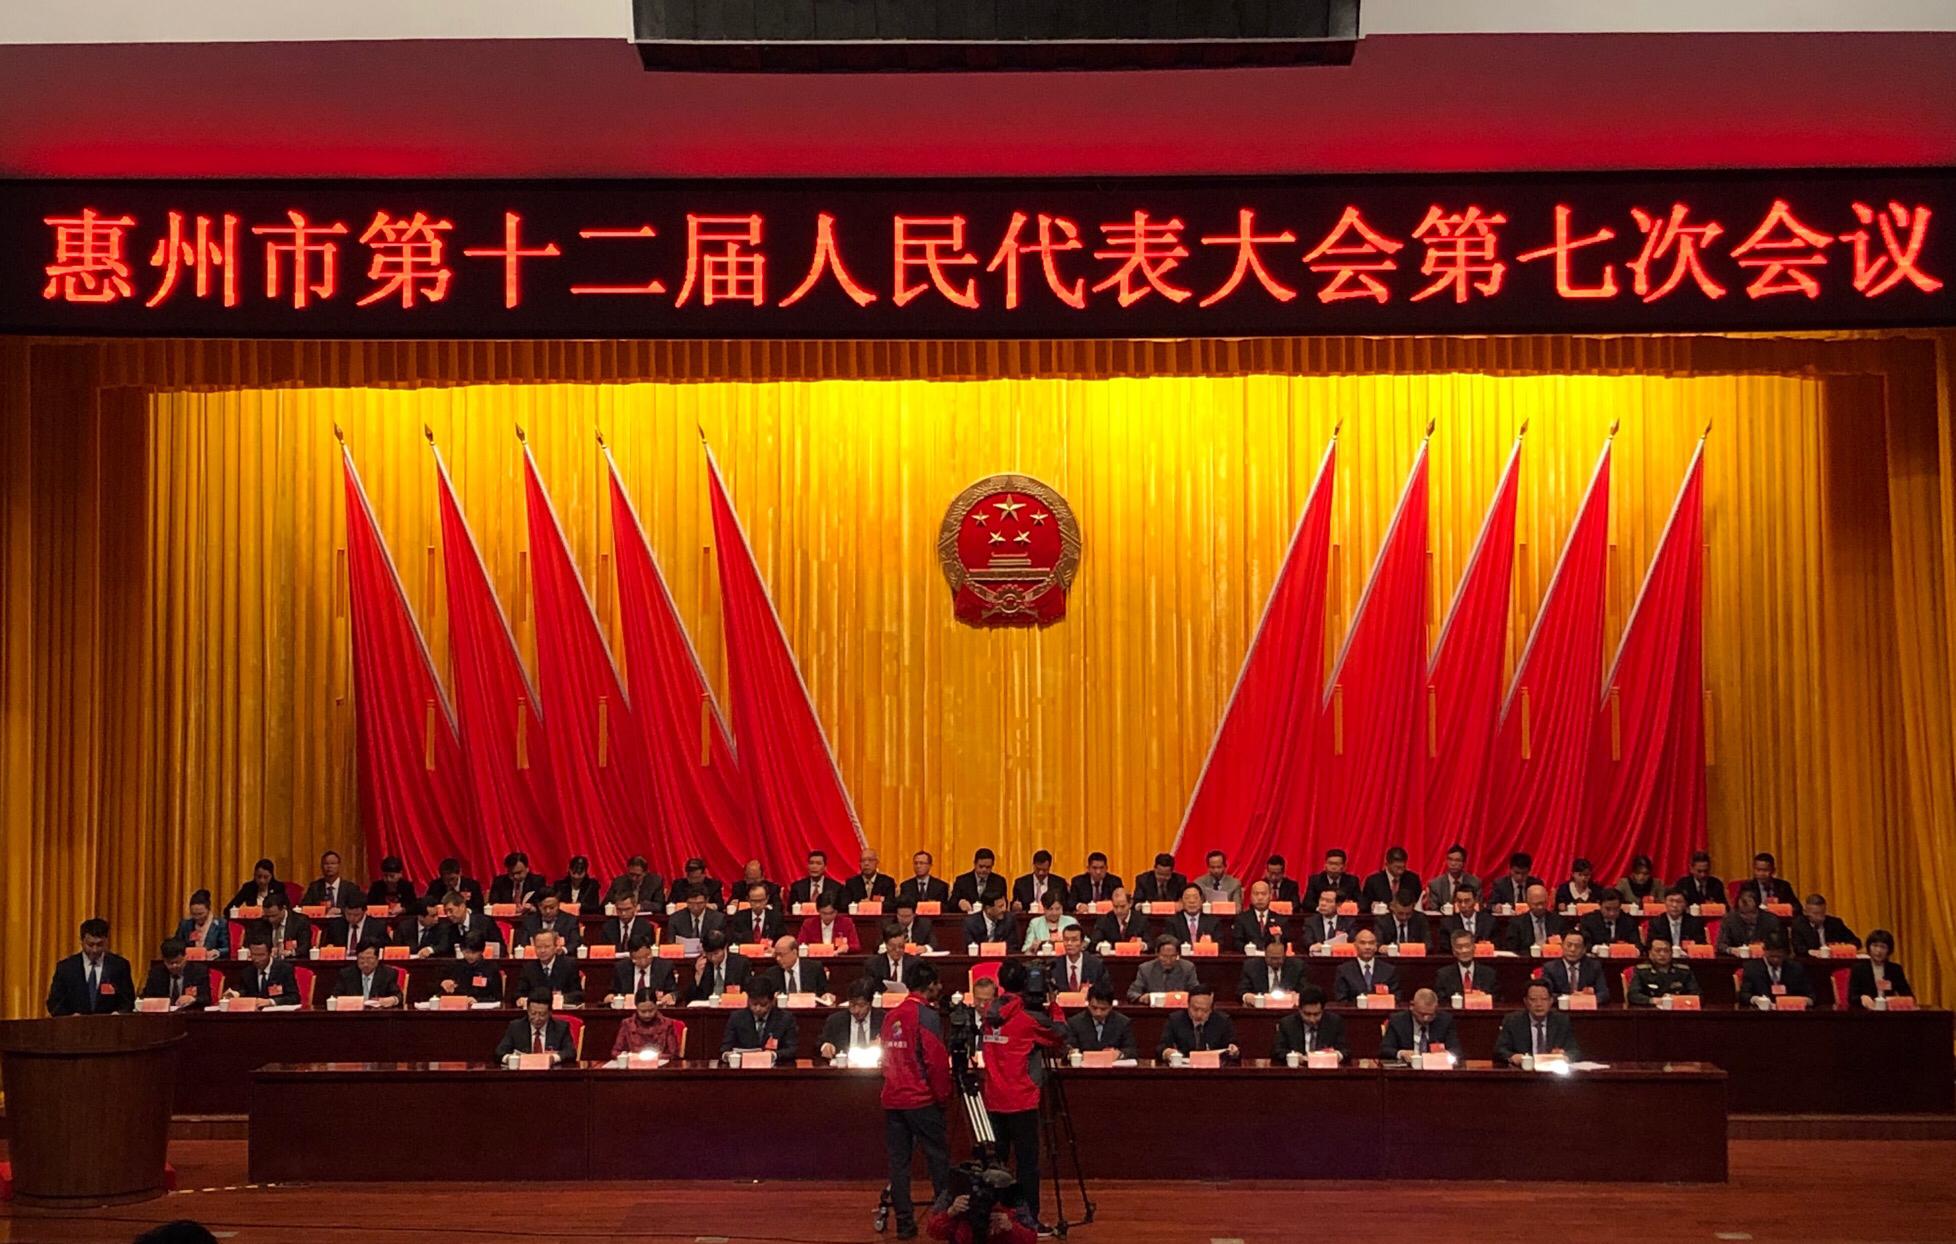 2019惠州gdp_2019年惠州县区发展成绩单:惠城GDP首次超800亿